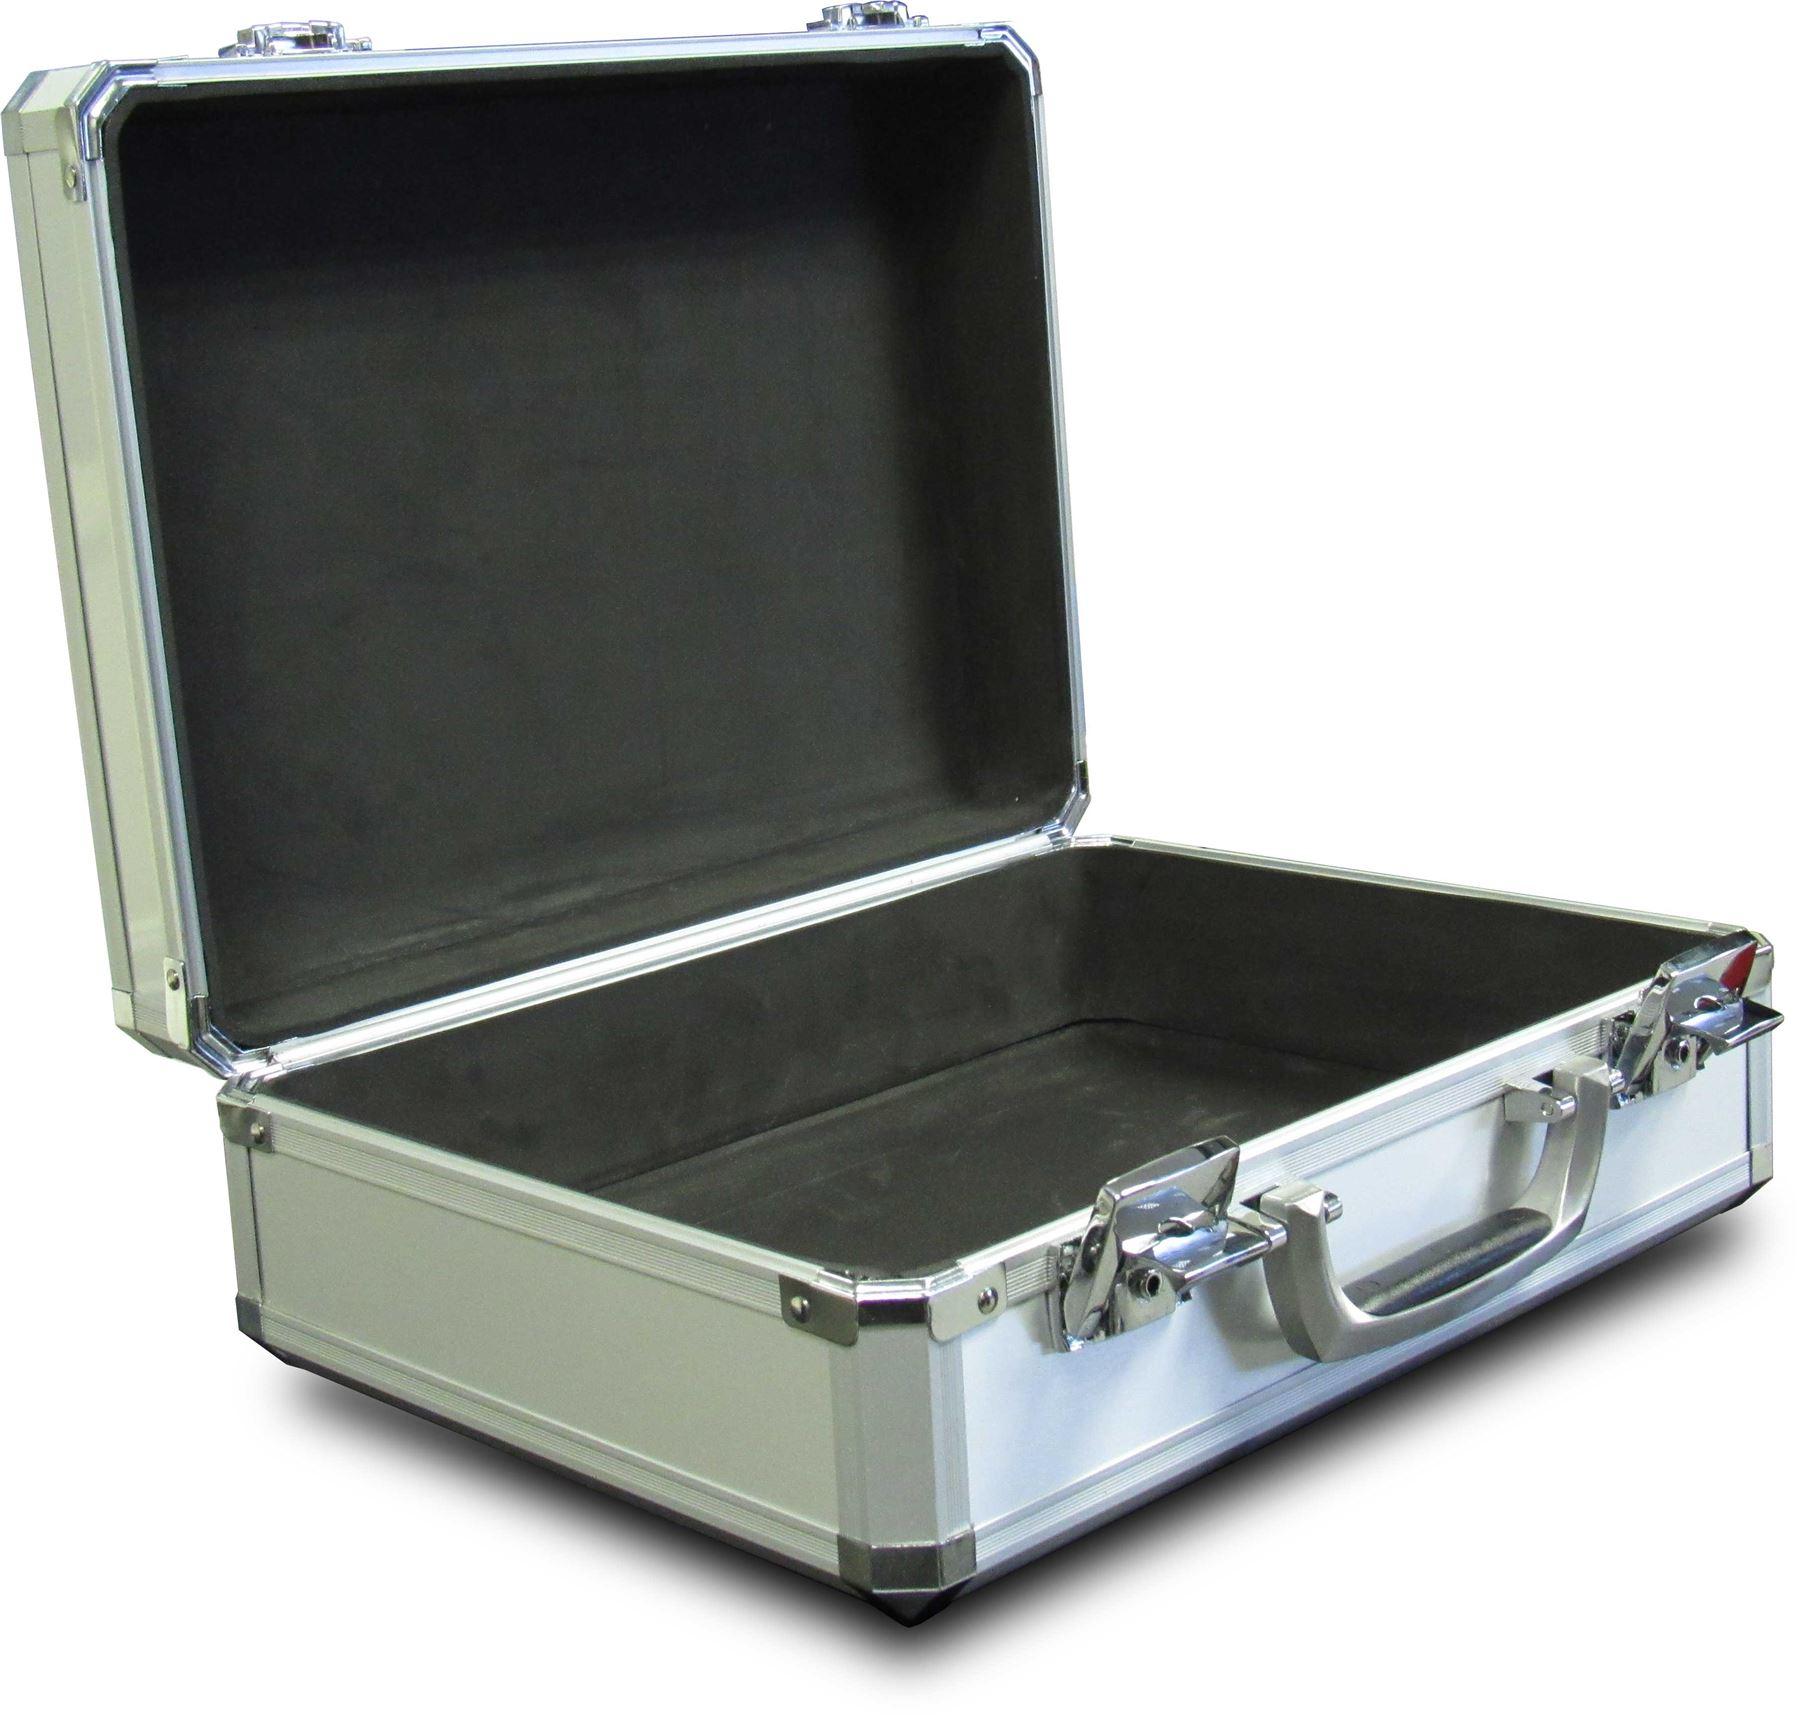 Aluminium Tool Box Flight Case Lockable Briefcase Case